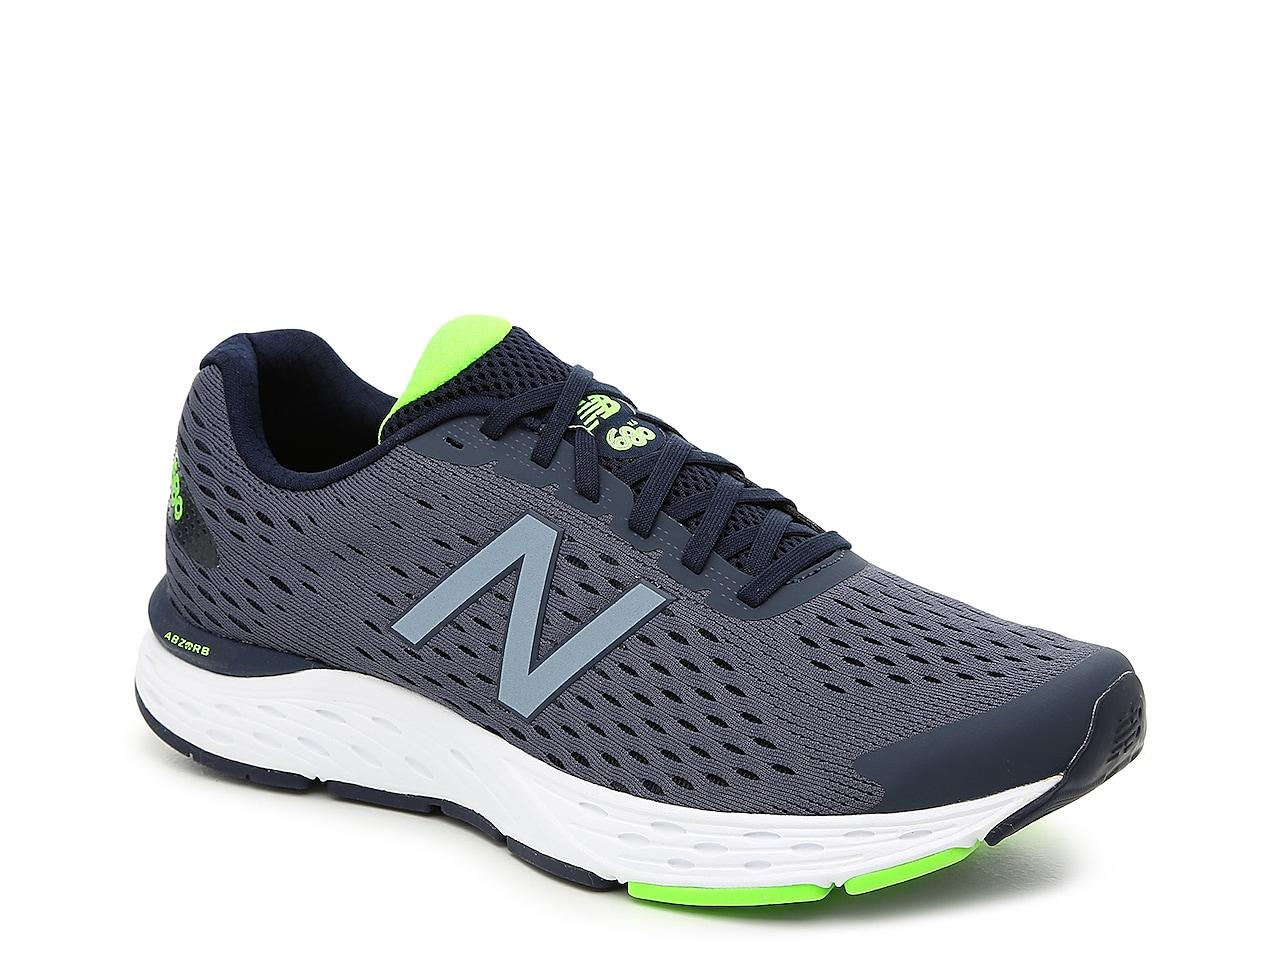 680 v6 Running Shoe - Men's